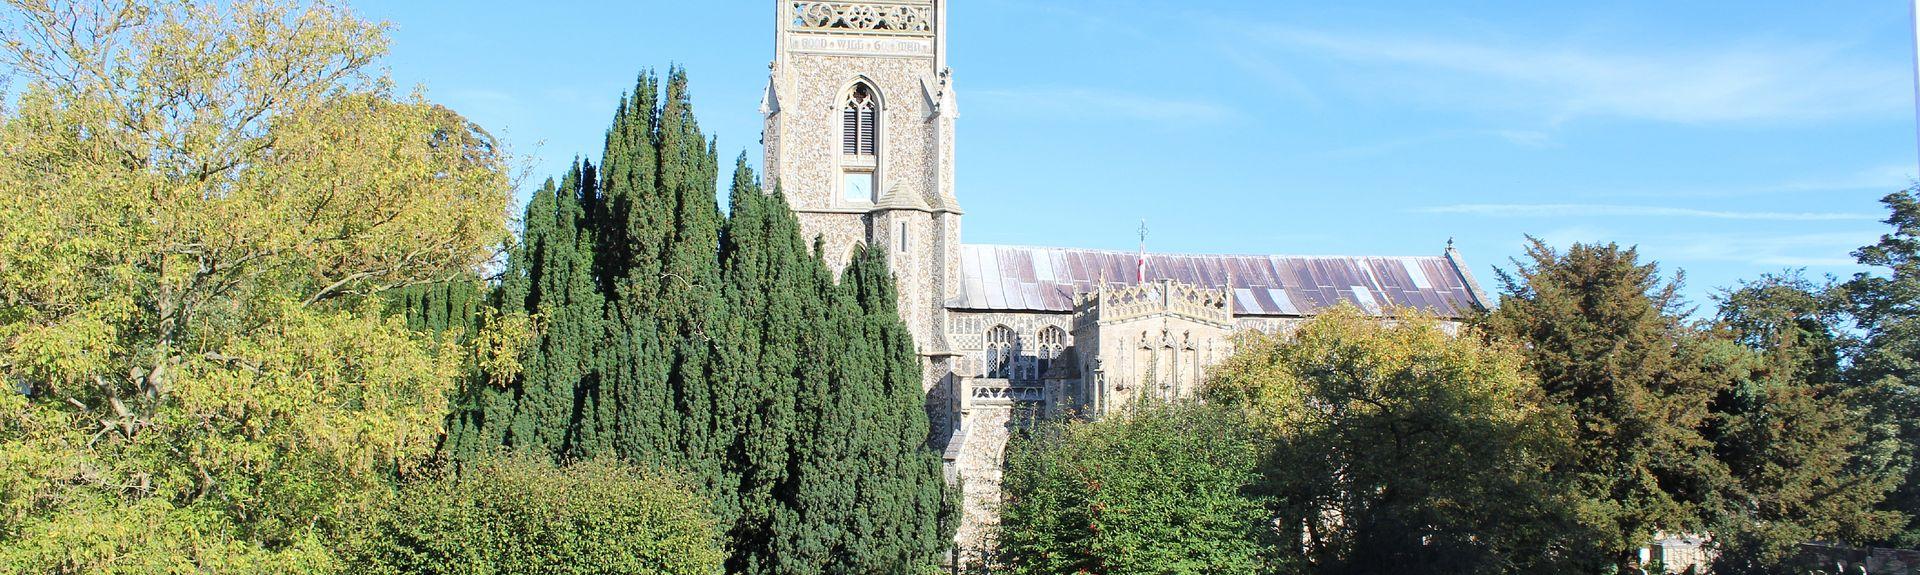 Bury St Edmunds, England, United Kingdom